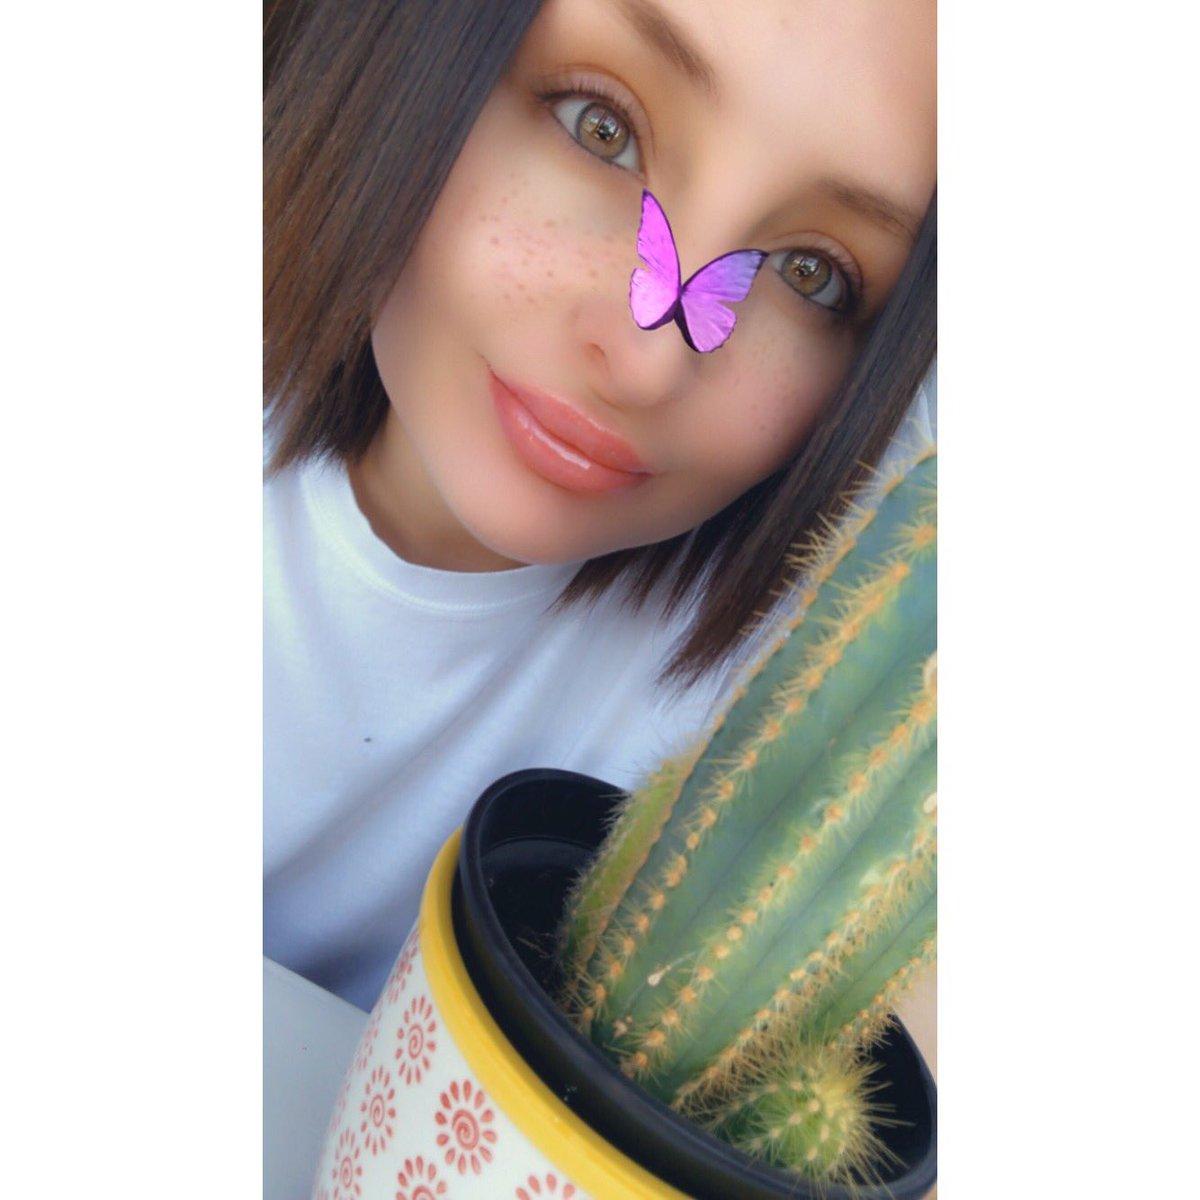 I'm a cute cactus lovin bitch  #selfie pic.twitter.com/QhIryXzSyP